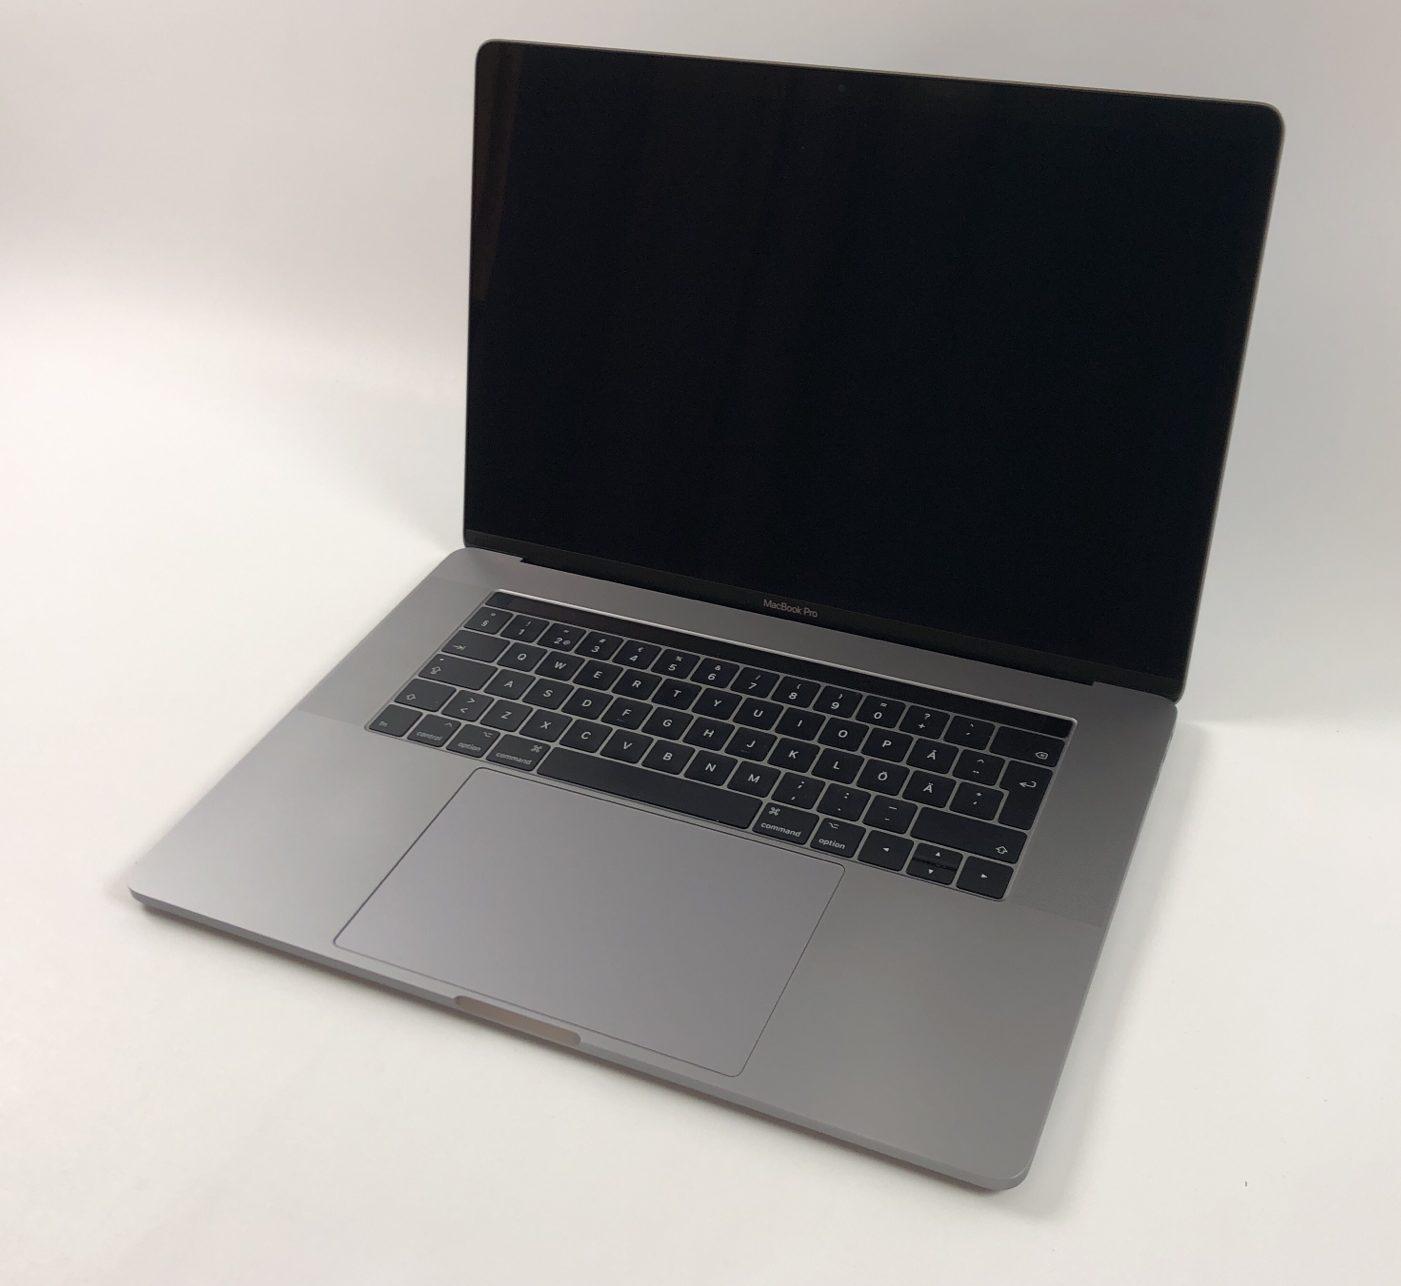 """MacBook Pro 15"""" Touch Bar Mid 2017 (Intel Quad-Core i7 2.8 GHz 16 GB RAM 512 GB SSD), Space Gray, Intel Quad-Core i7 2.9 GHz, 16 GB RAM, 512 GB SSD, Kuva 1"""